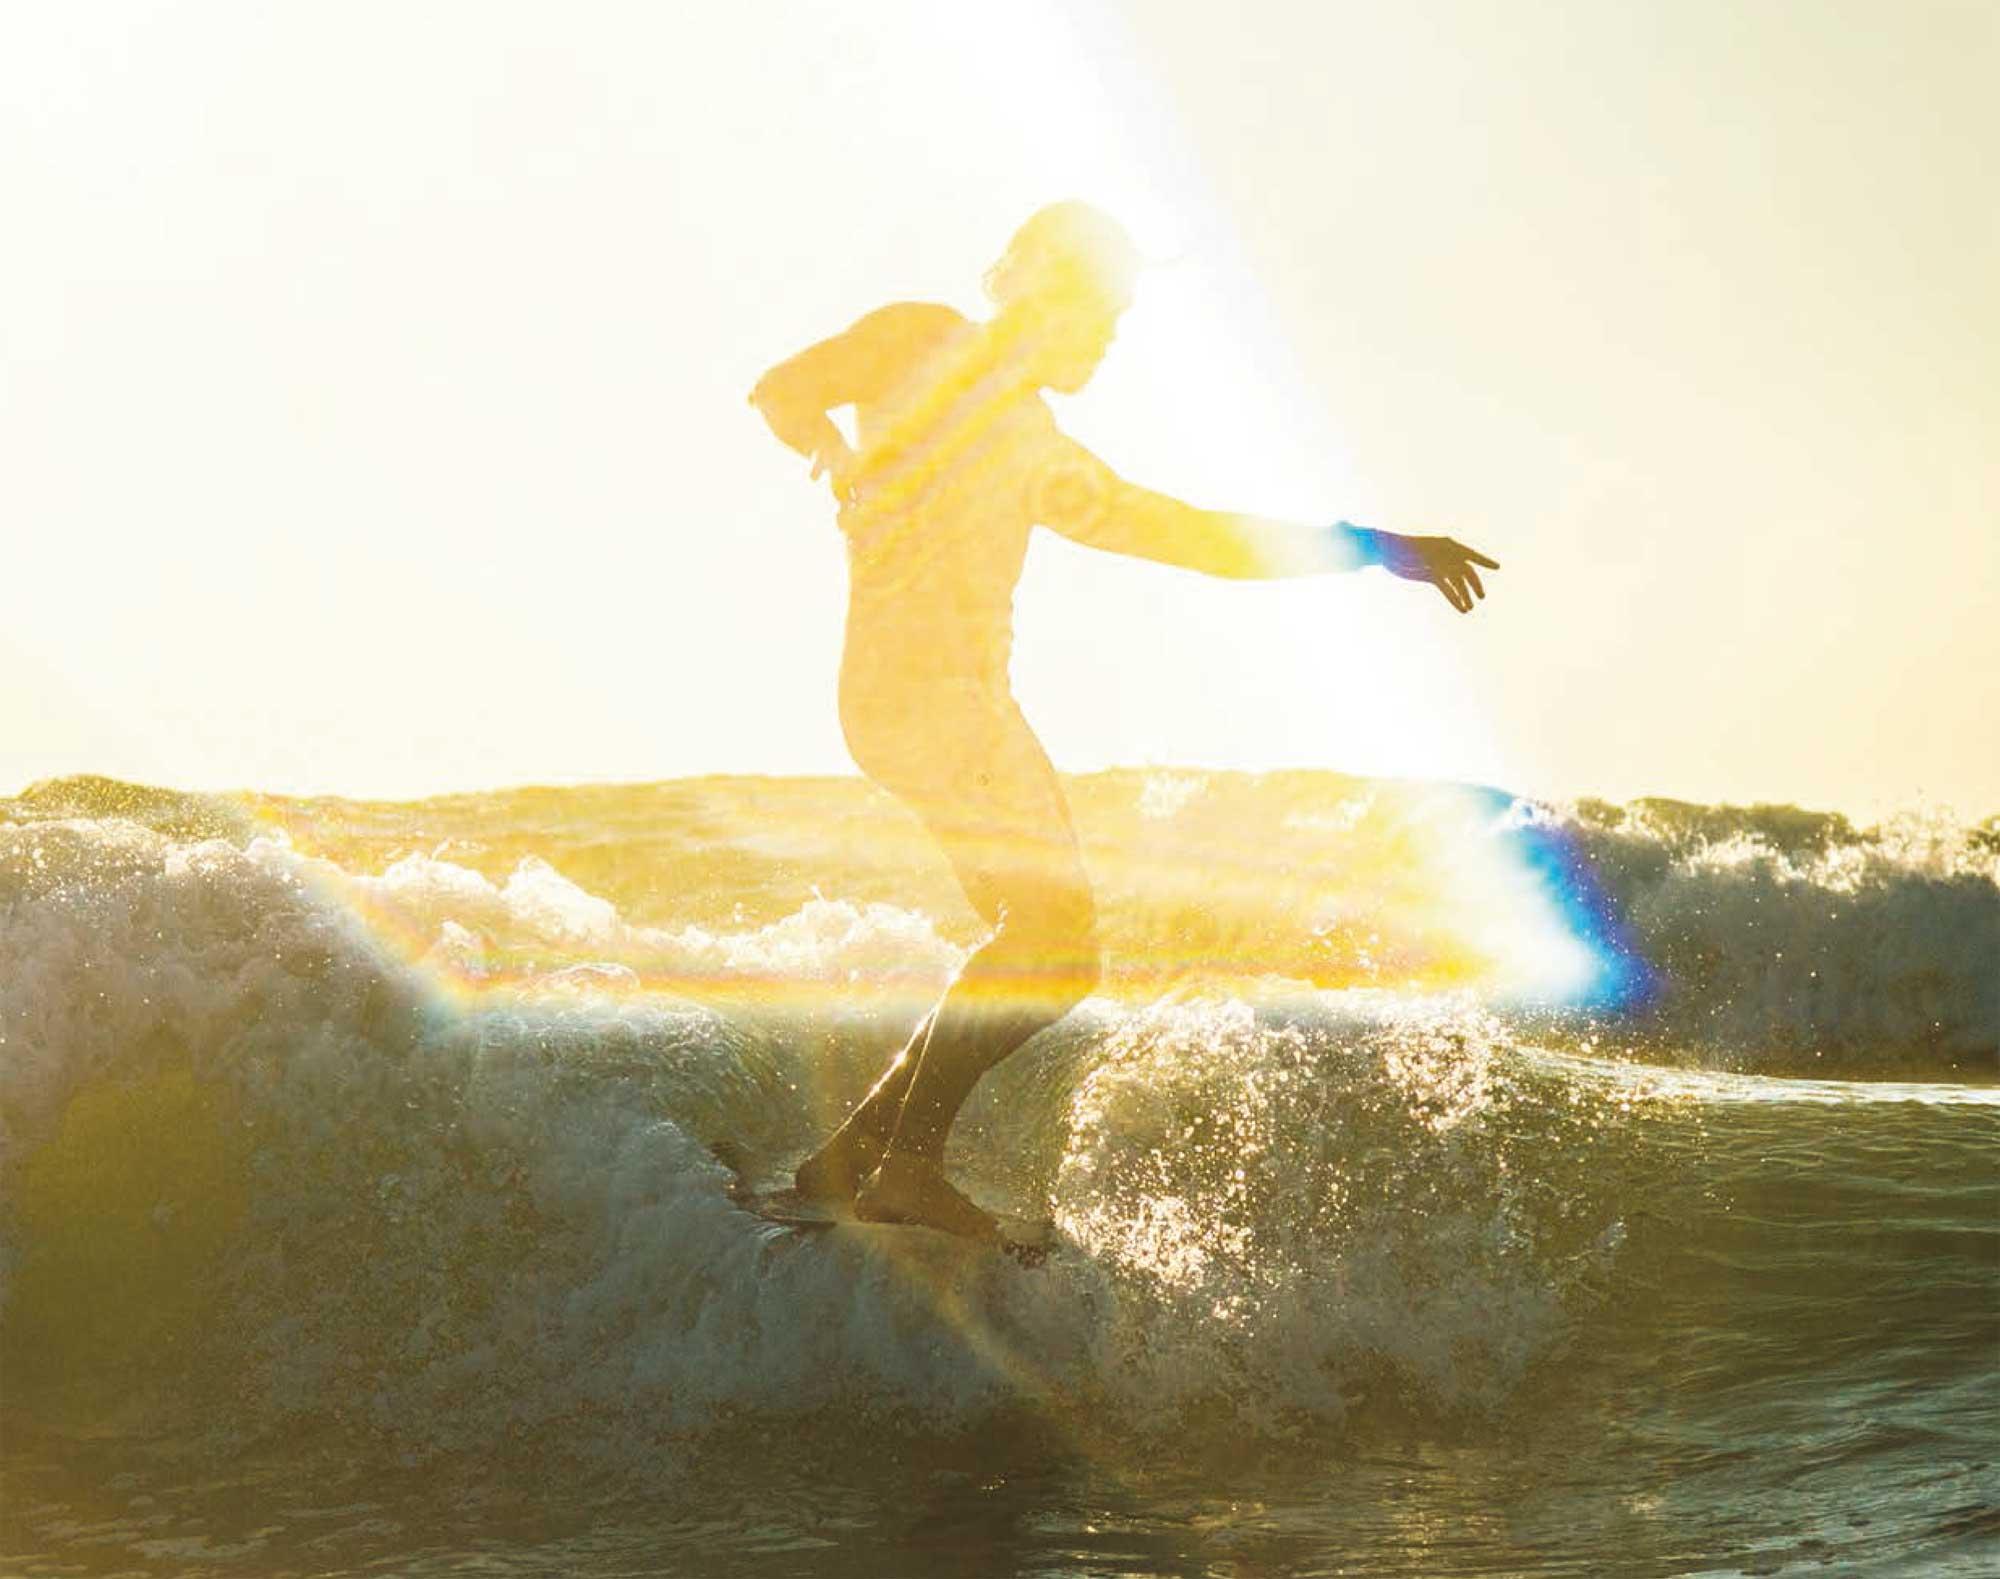 California Dreaming? Surffotograf Morgan Maassen zeigt uns seine Lieblingsspots!